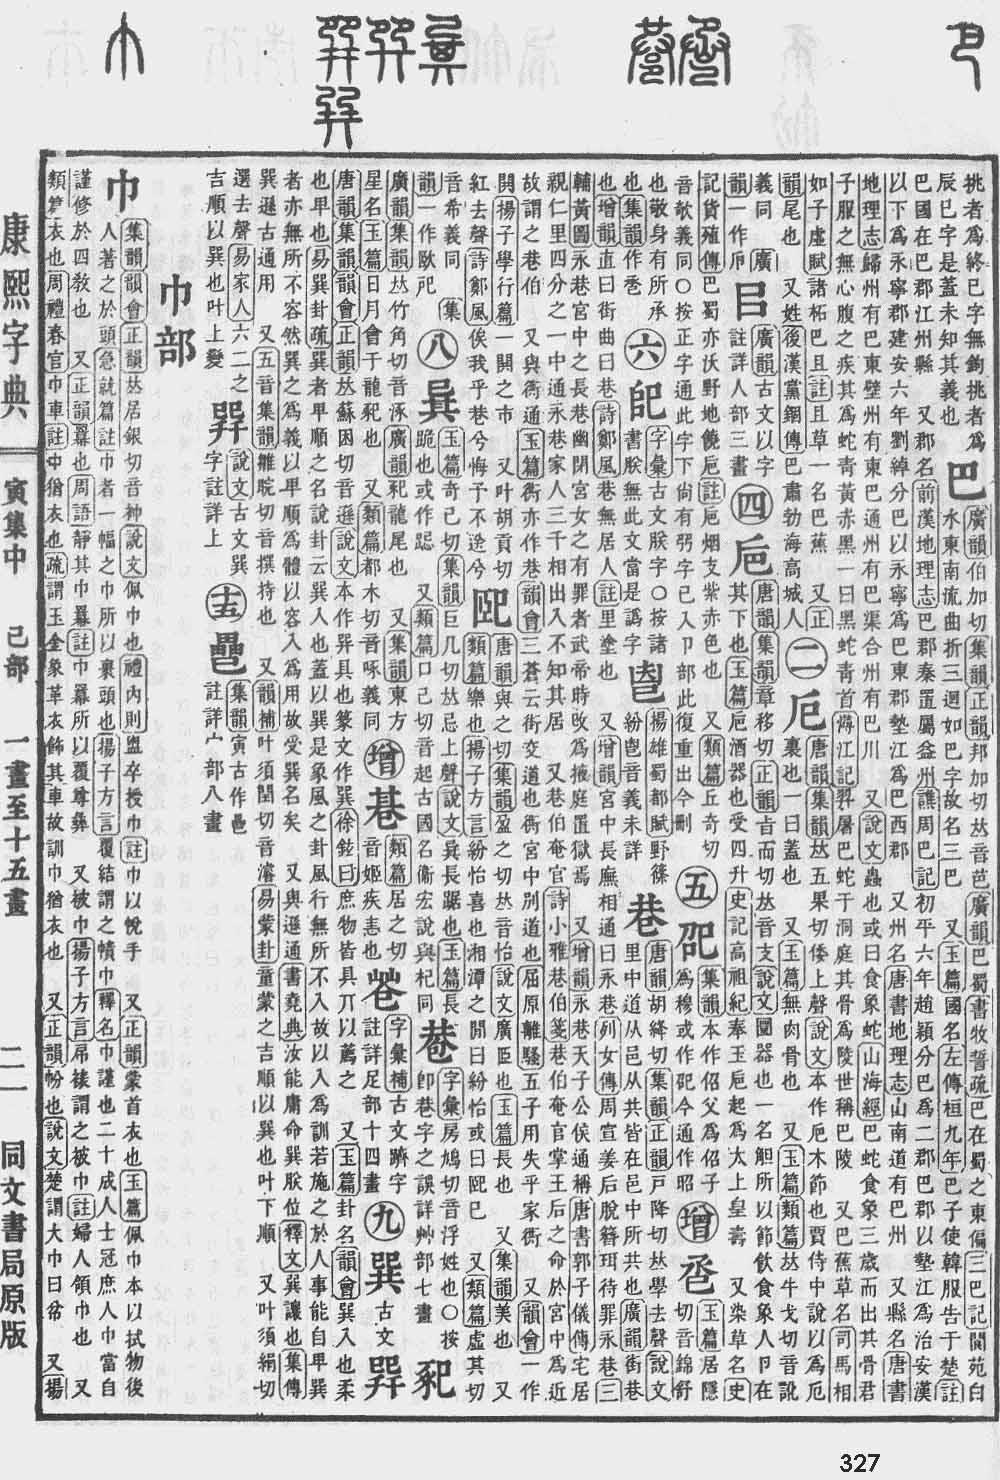 《康熙字典》第327页